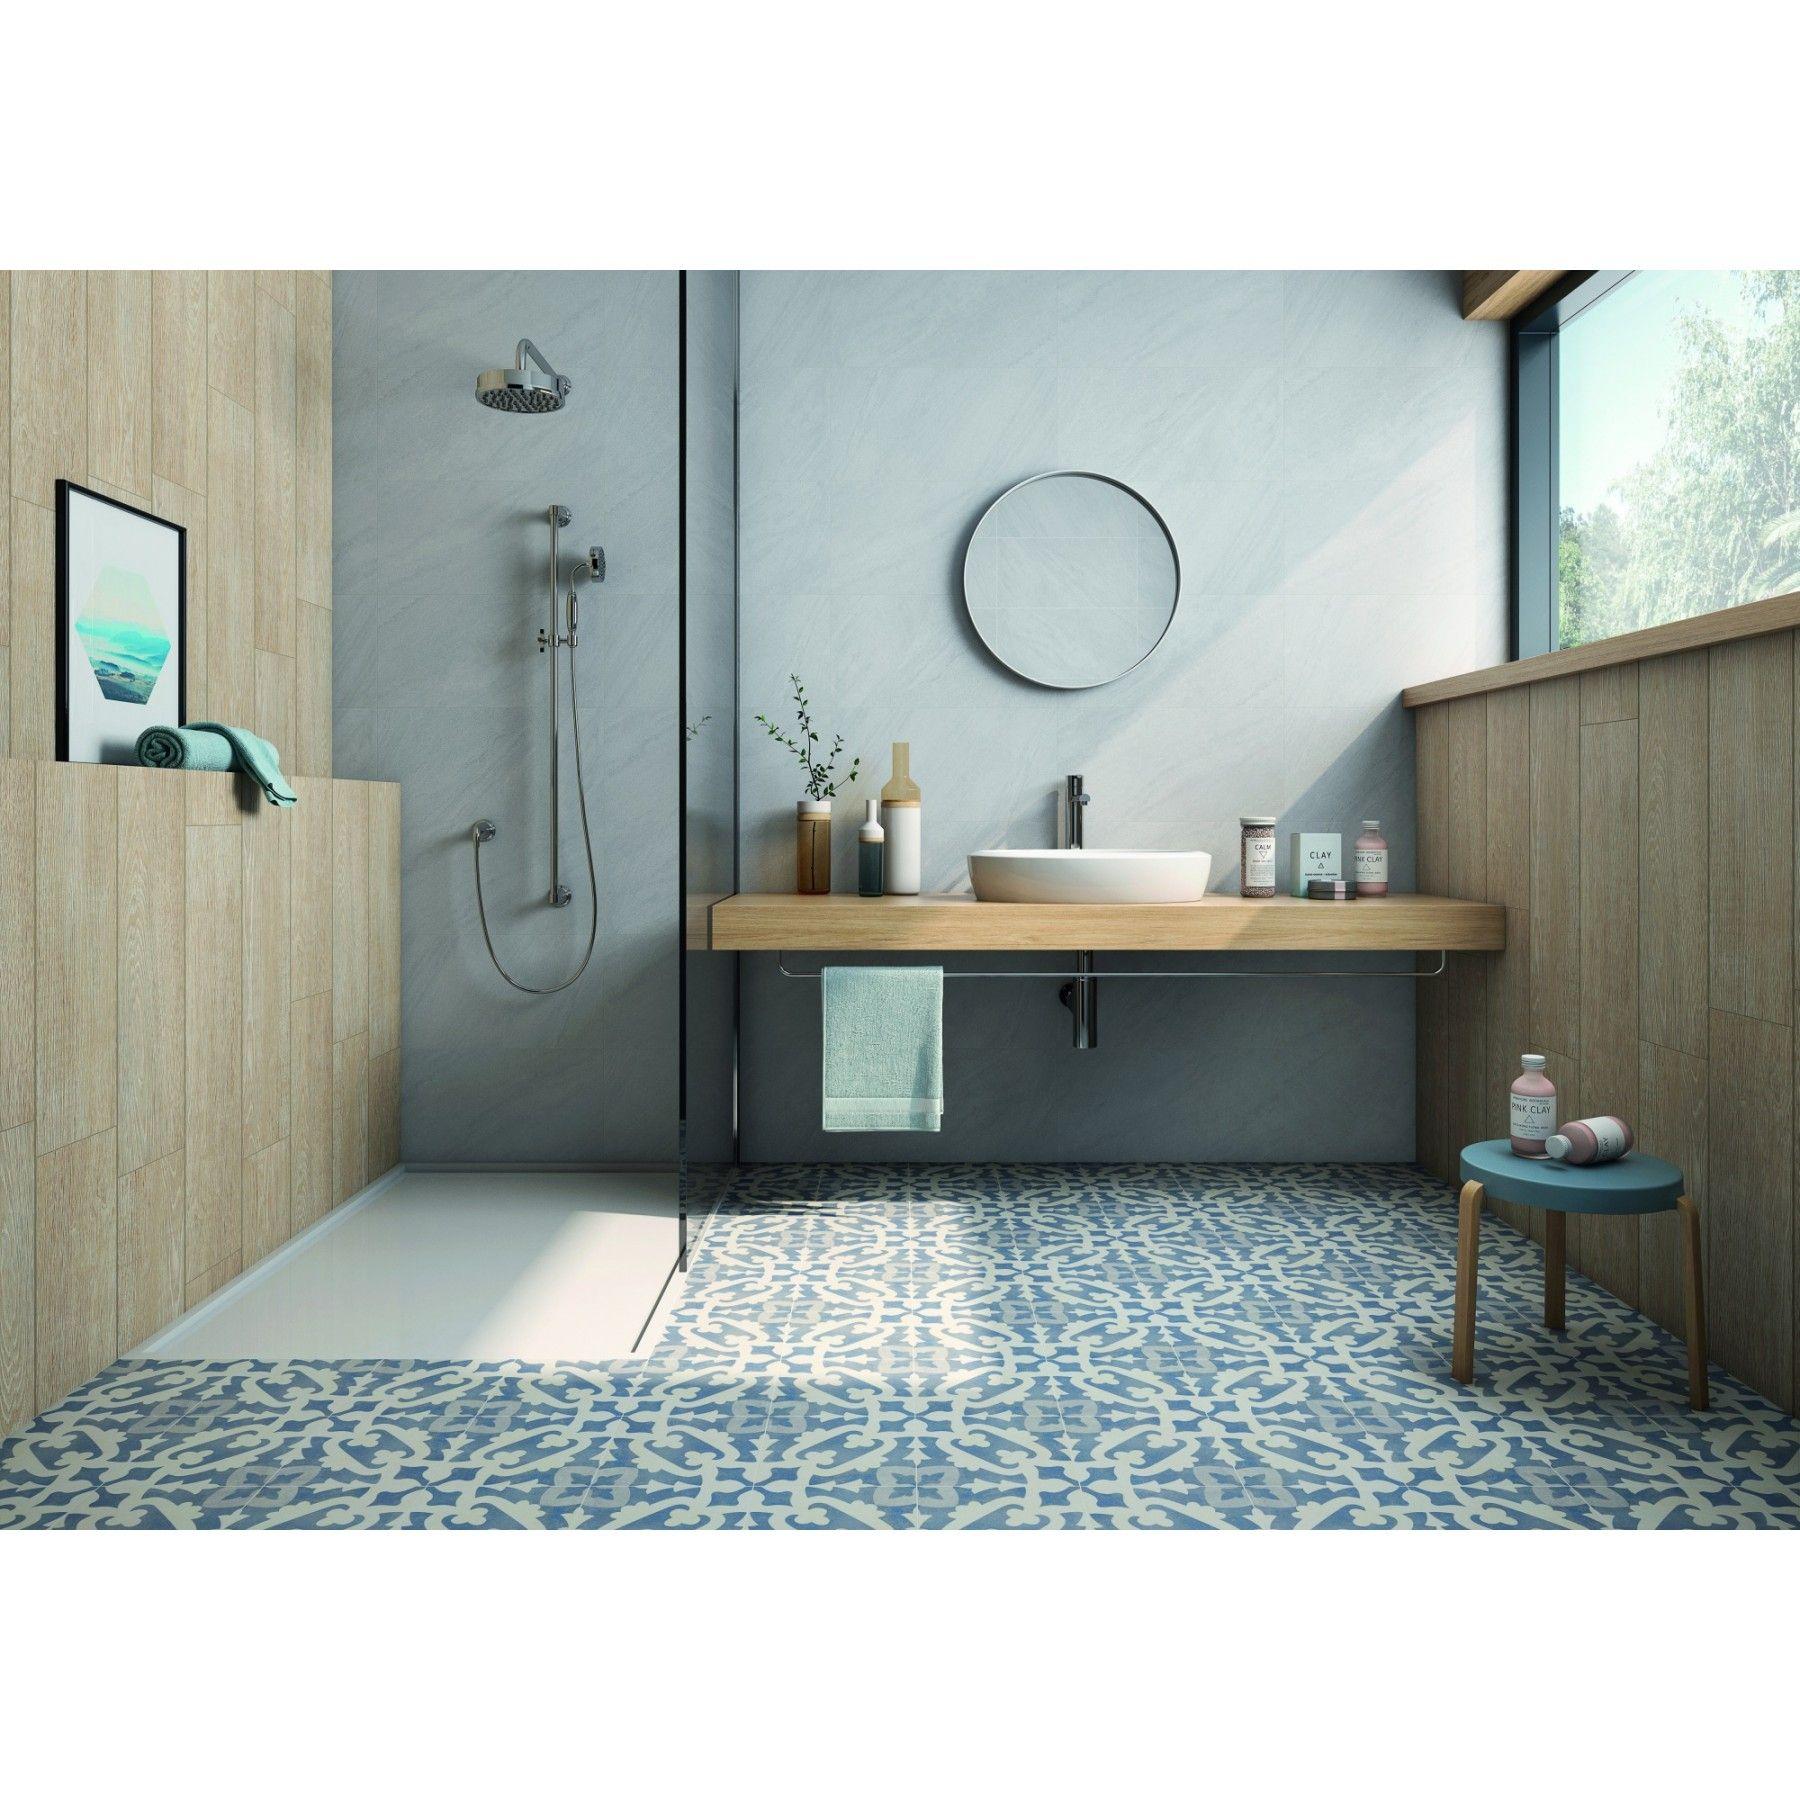 fliesenwelt bodenfliese rodin grau blau jetzt g nstig kaufen fliesenmax fliesen. Black Bedroom Furniture Sets. Home Design Ideas